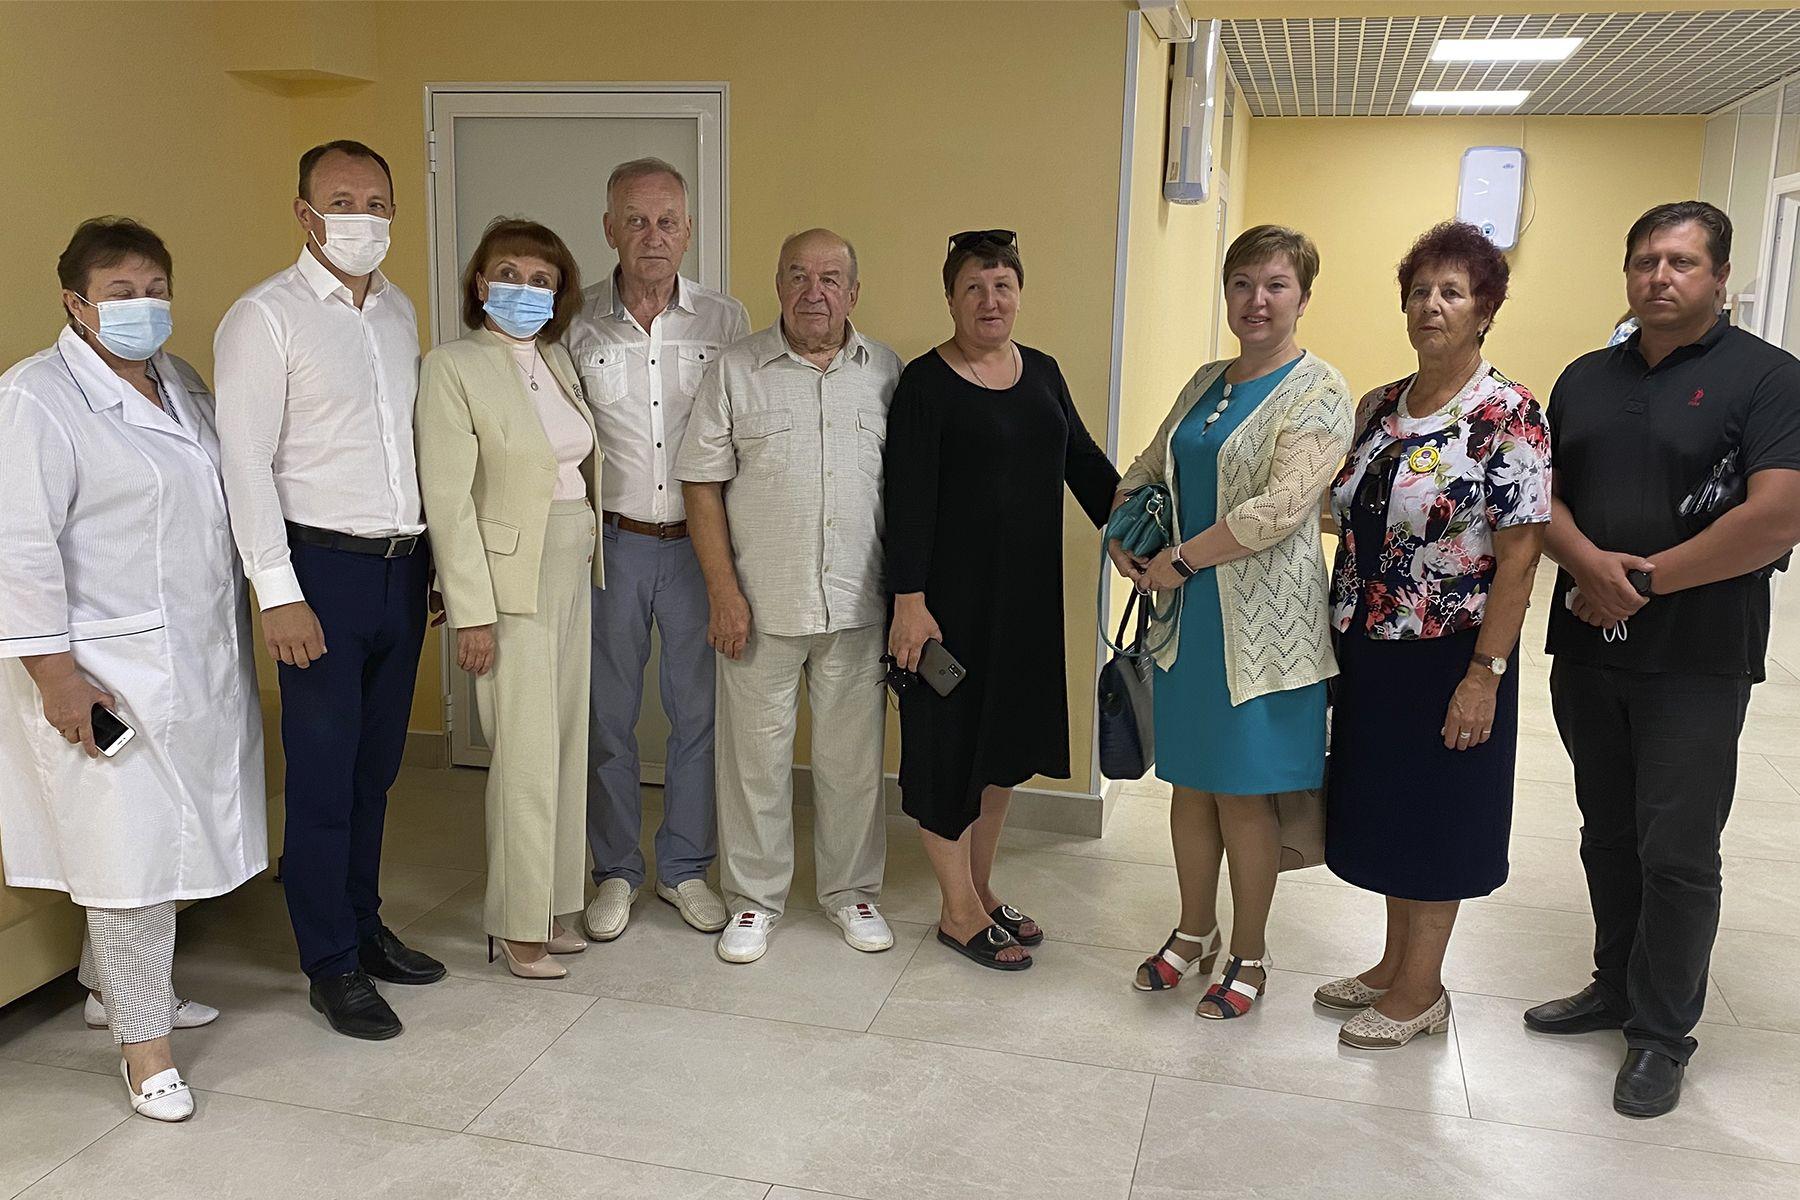 Медицинская помощь на высокотехнологичном уровне: в Большом Камне построят поликлинику на базе медицинского центра «Лотос» ВГУЭС